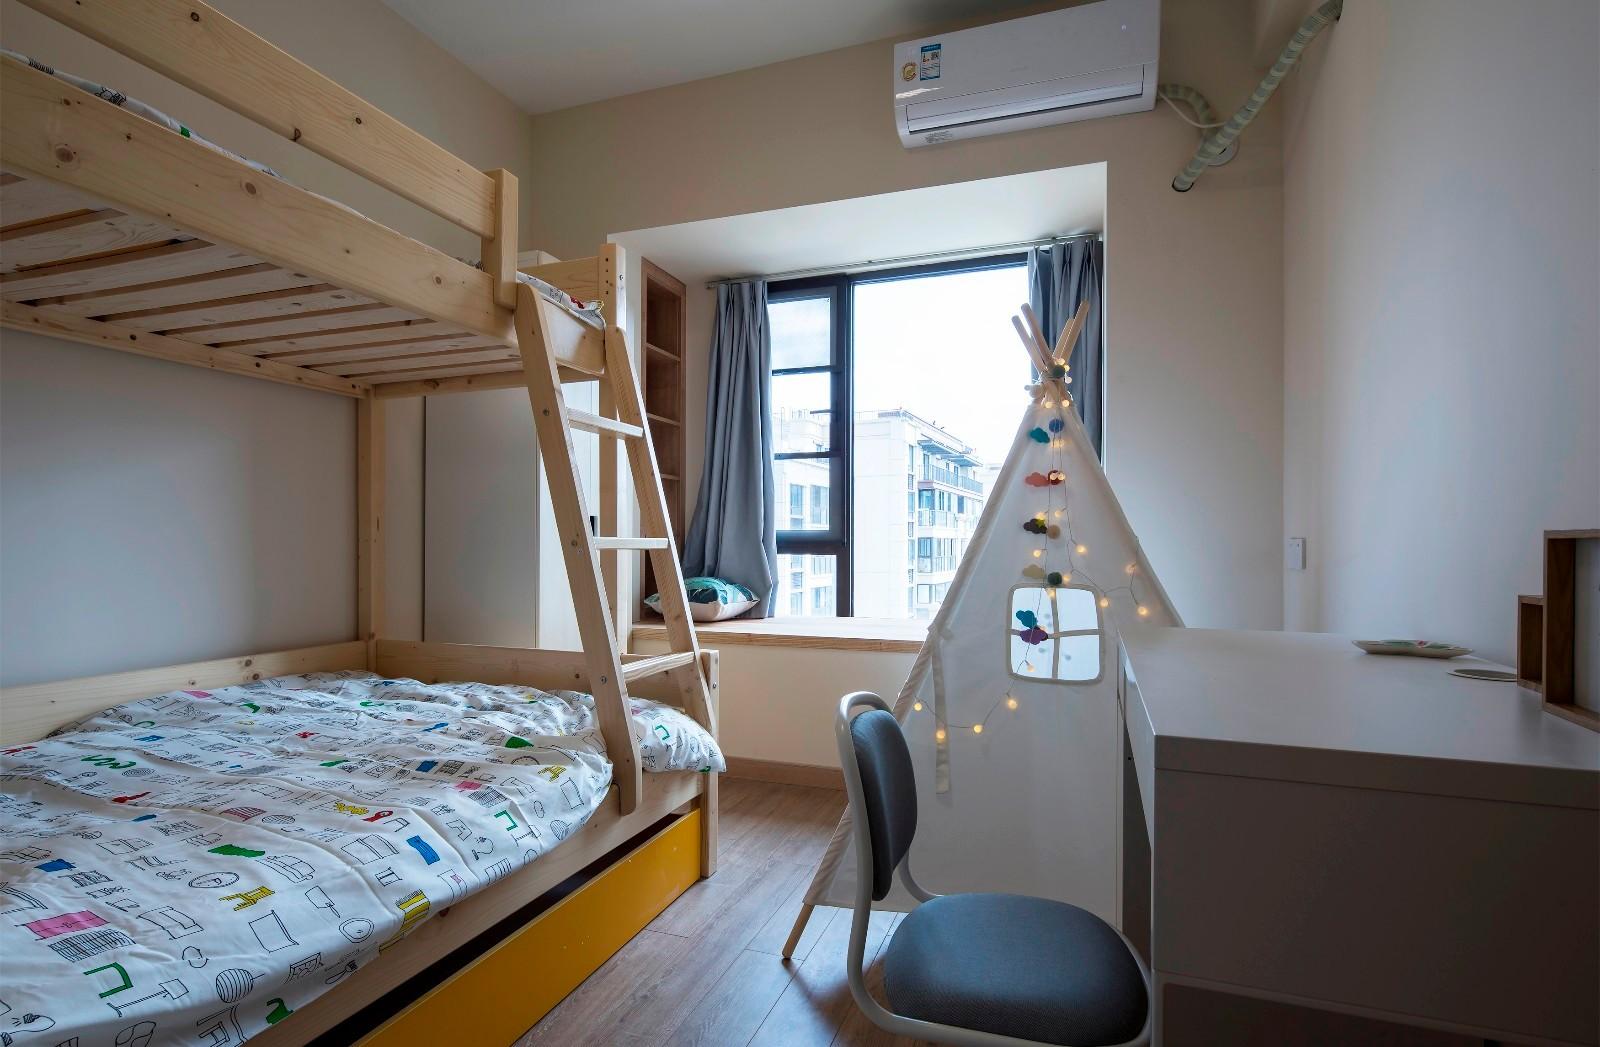 2020北欧儿童房装饰设计 2020北欧地板装修设计